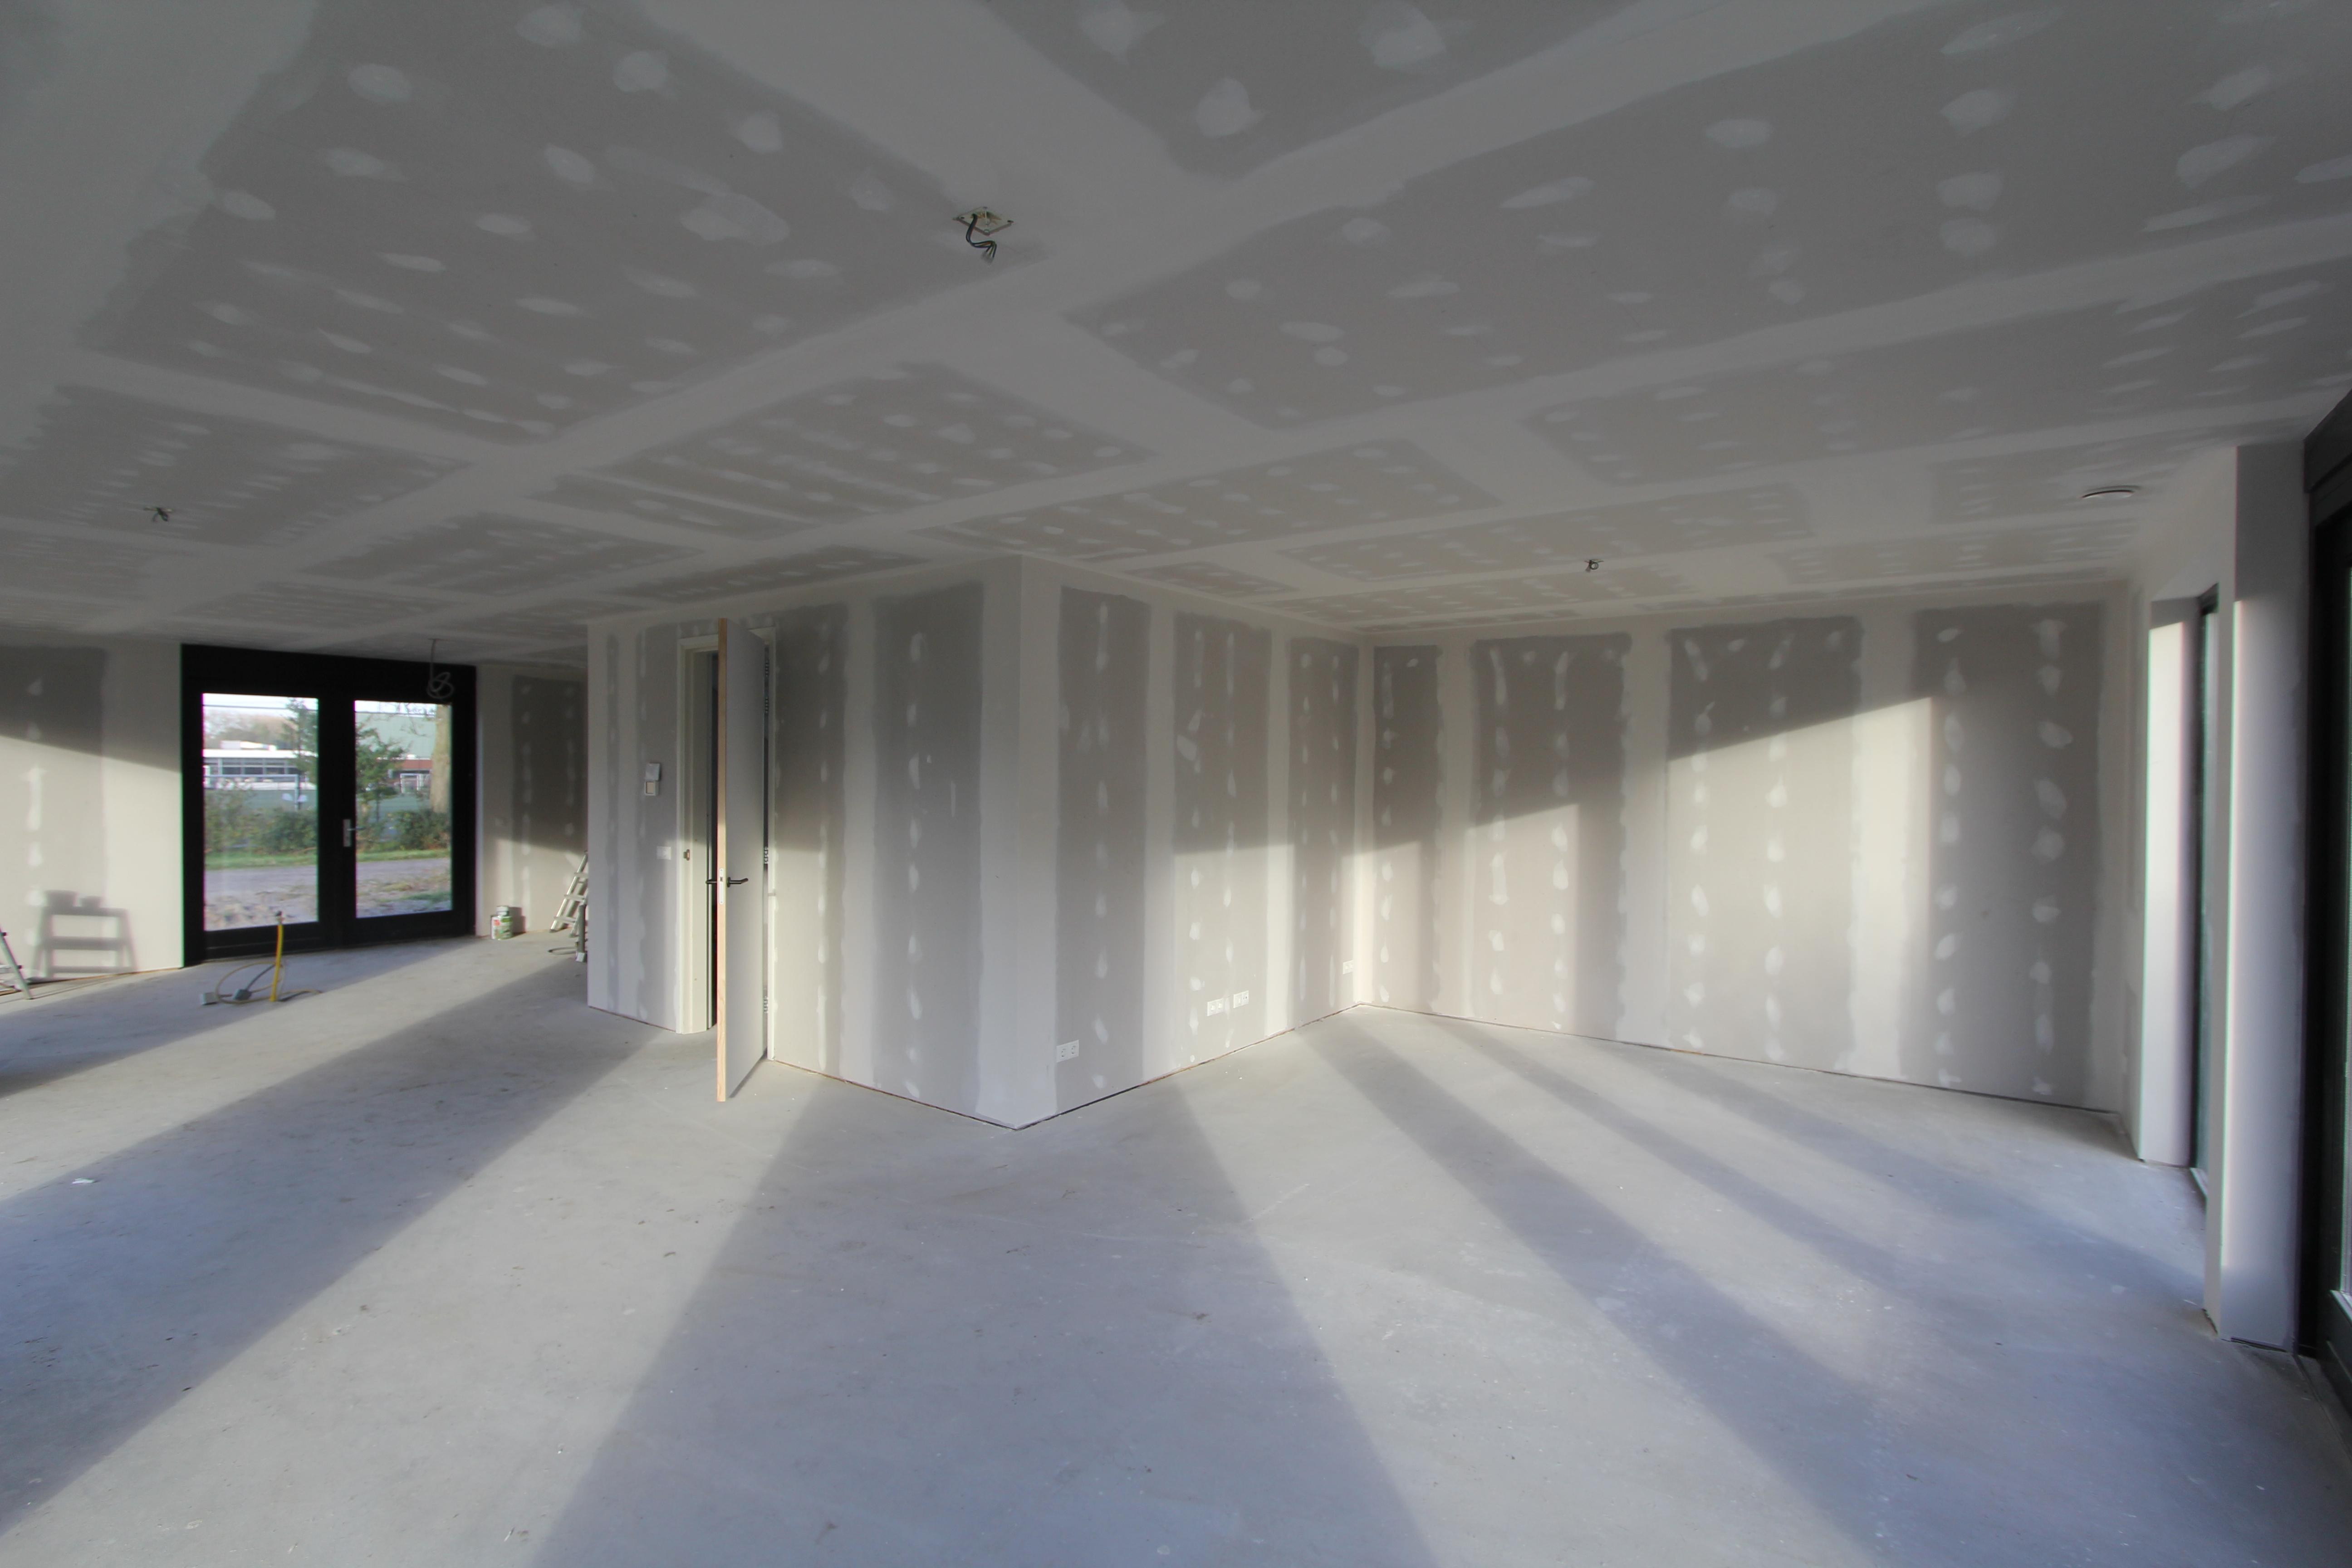 Afwerken metal-stud wanden en plafonds met spuitwerk